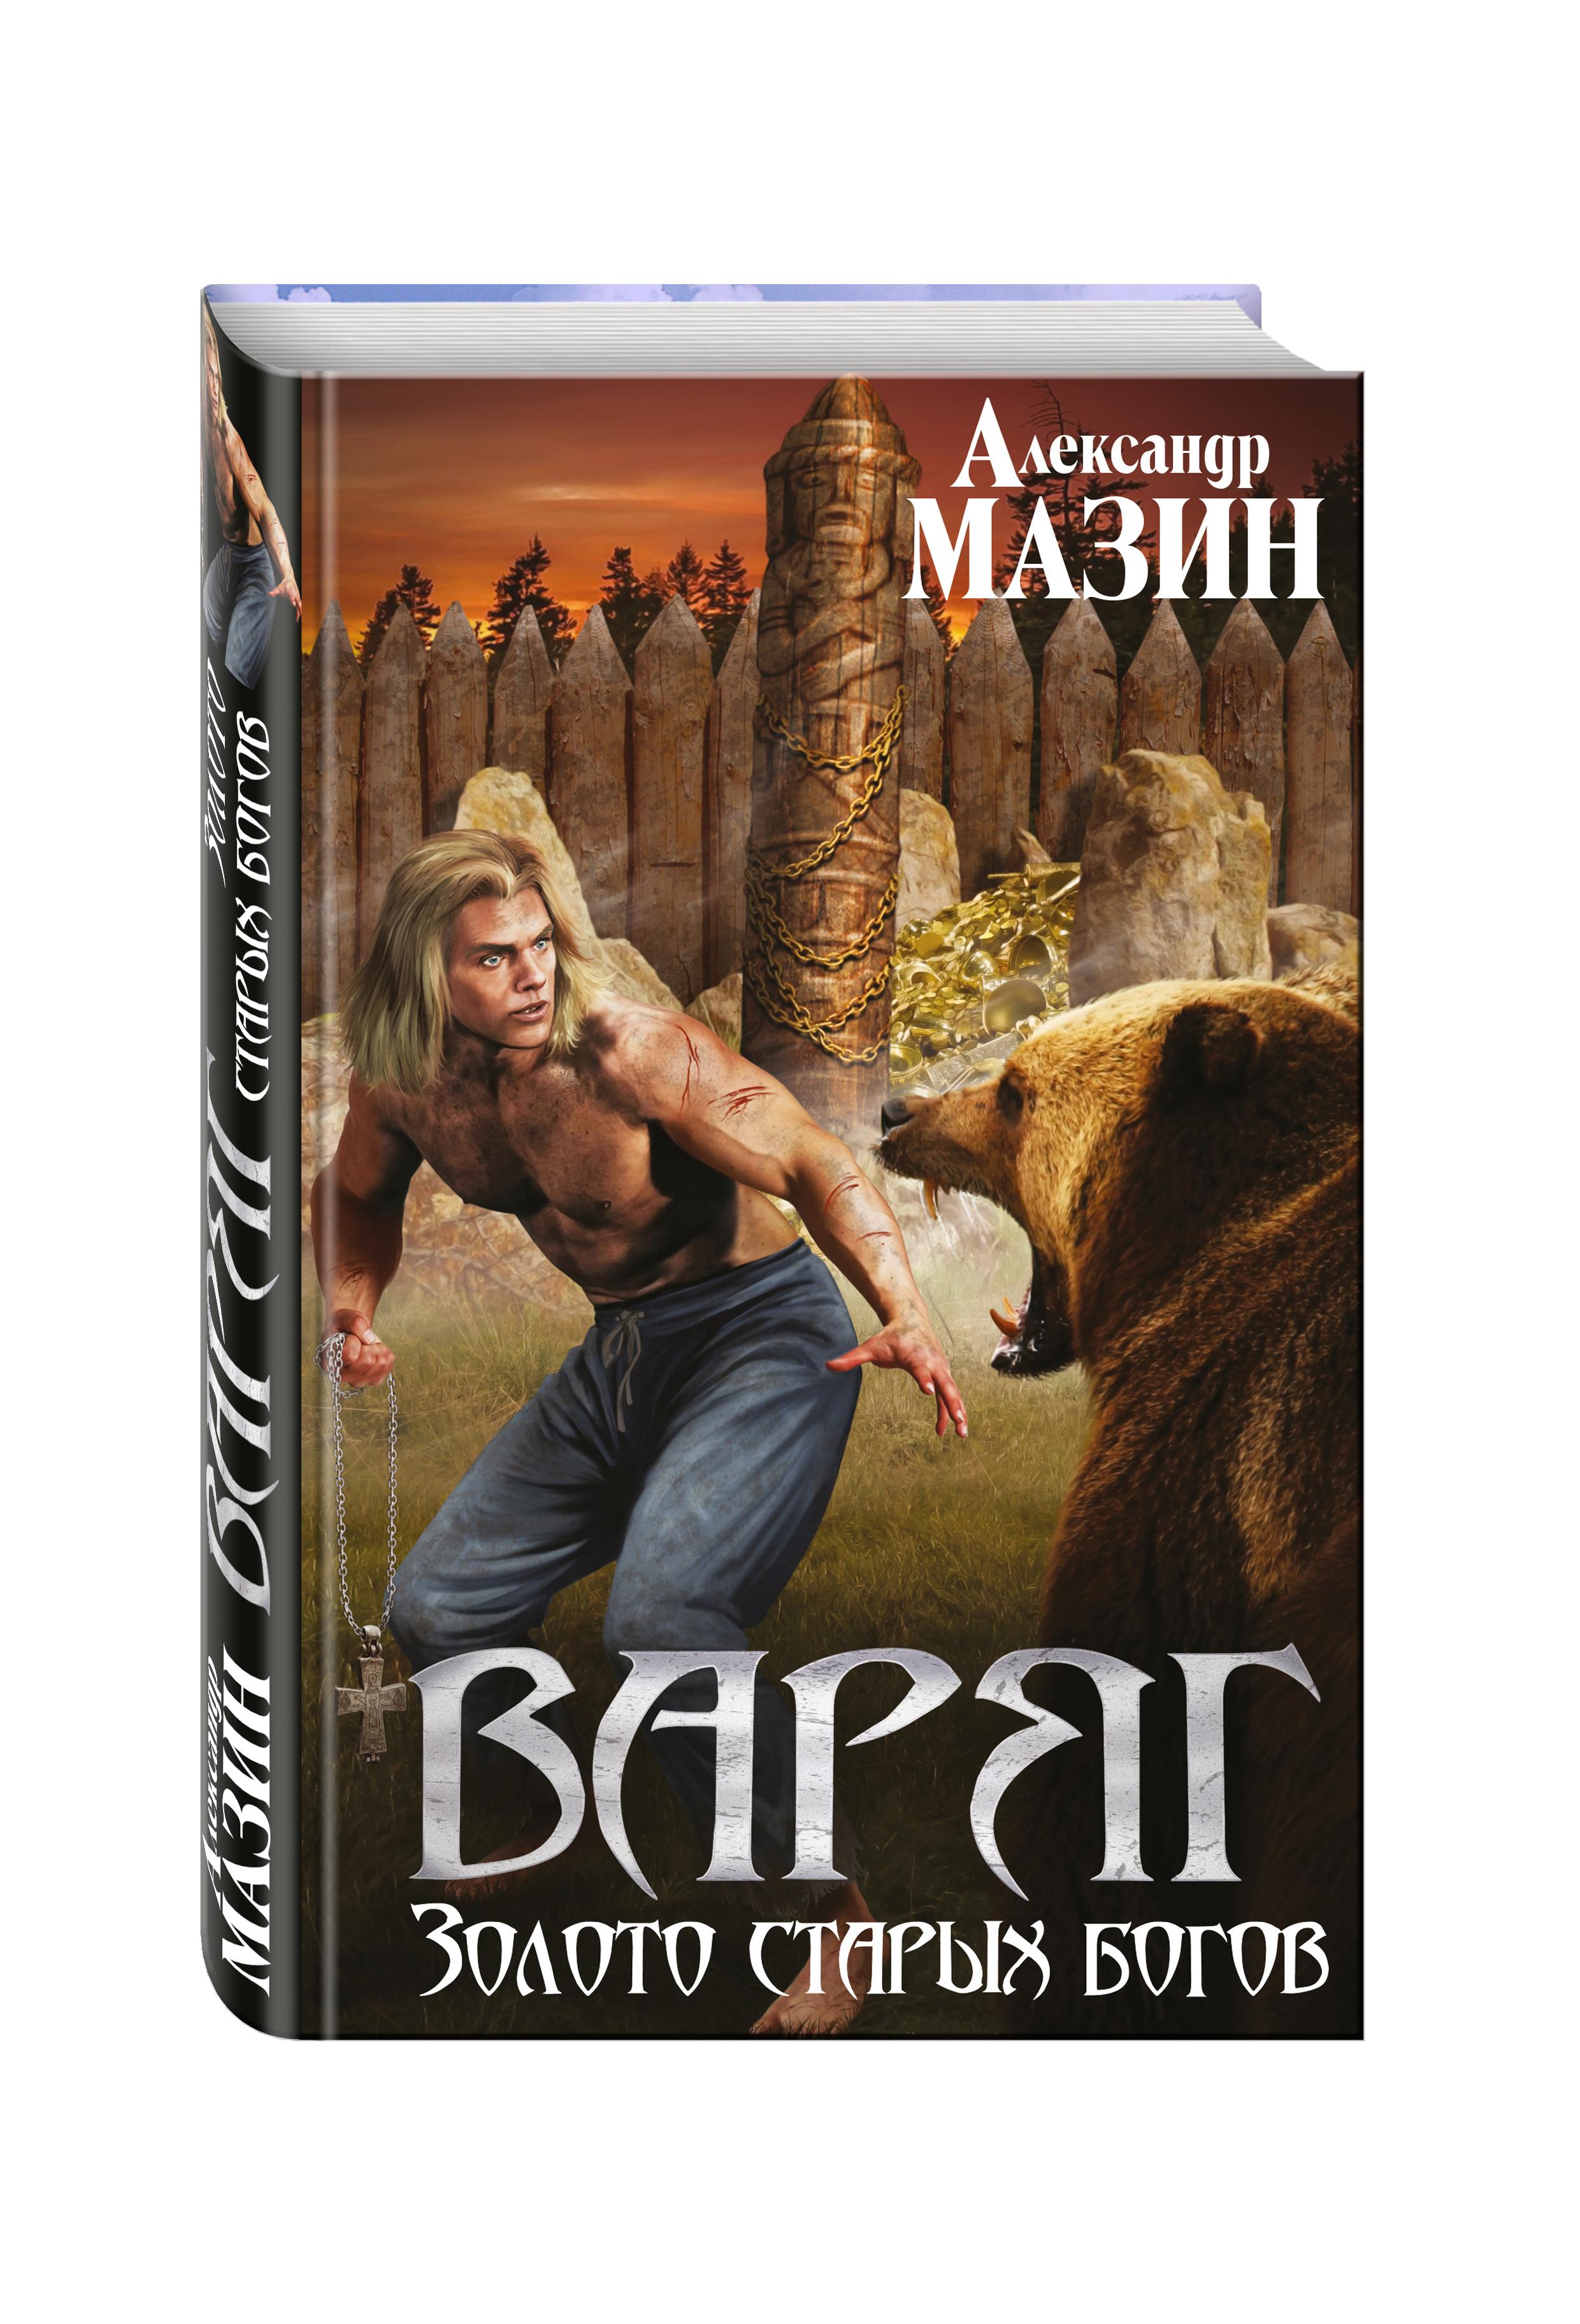 Мазин А.В. Варяг. Золото старых богов ISBN: 978-5-699-95939-6 александр мазин золото старых богов